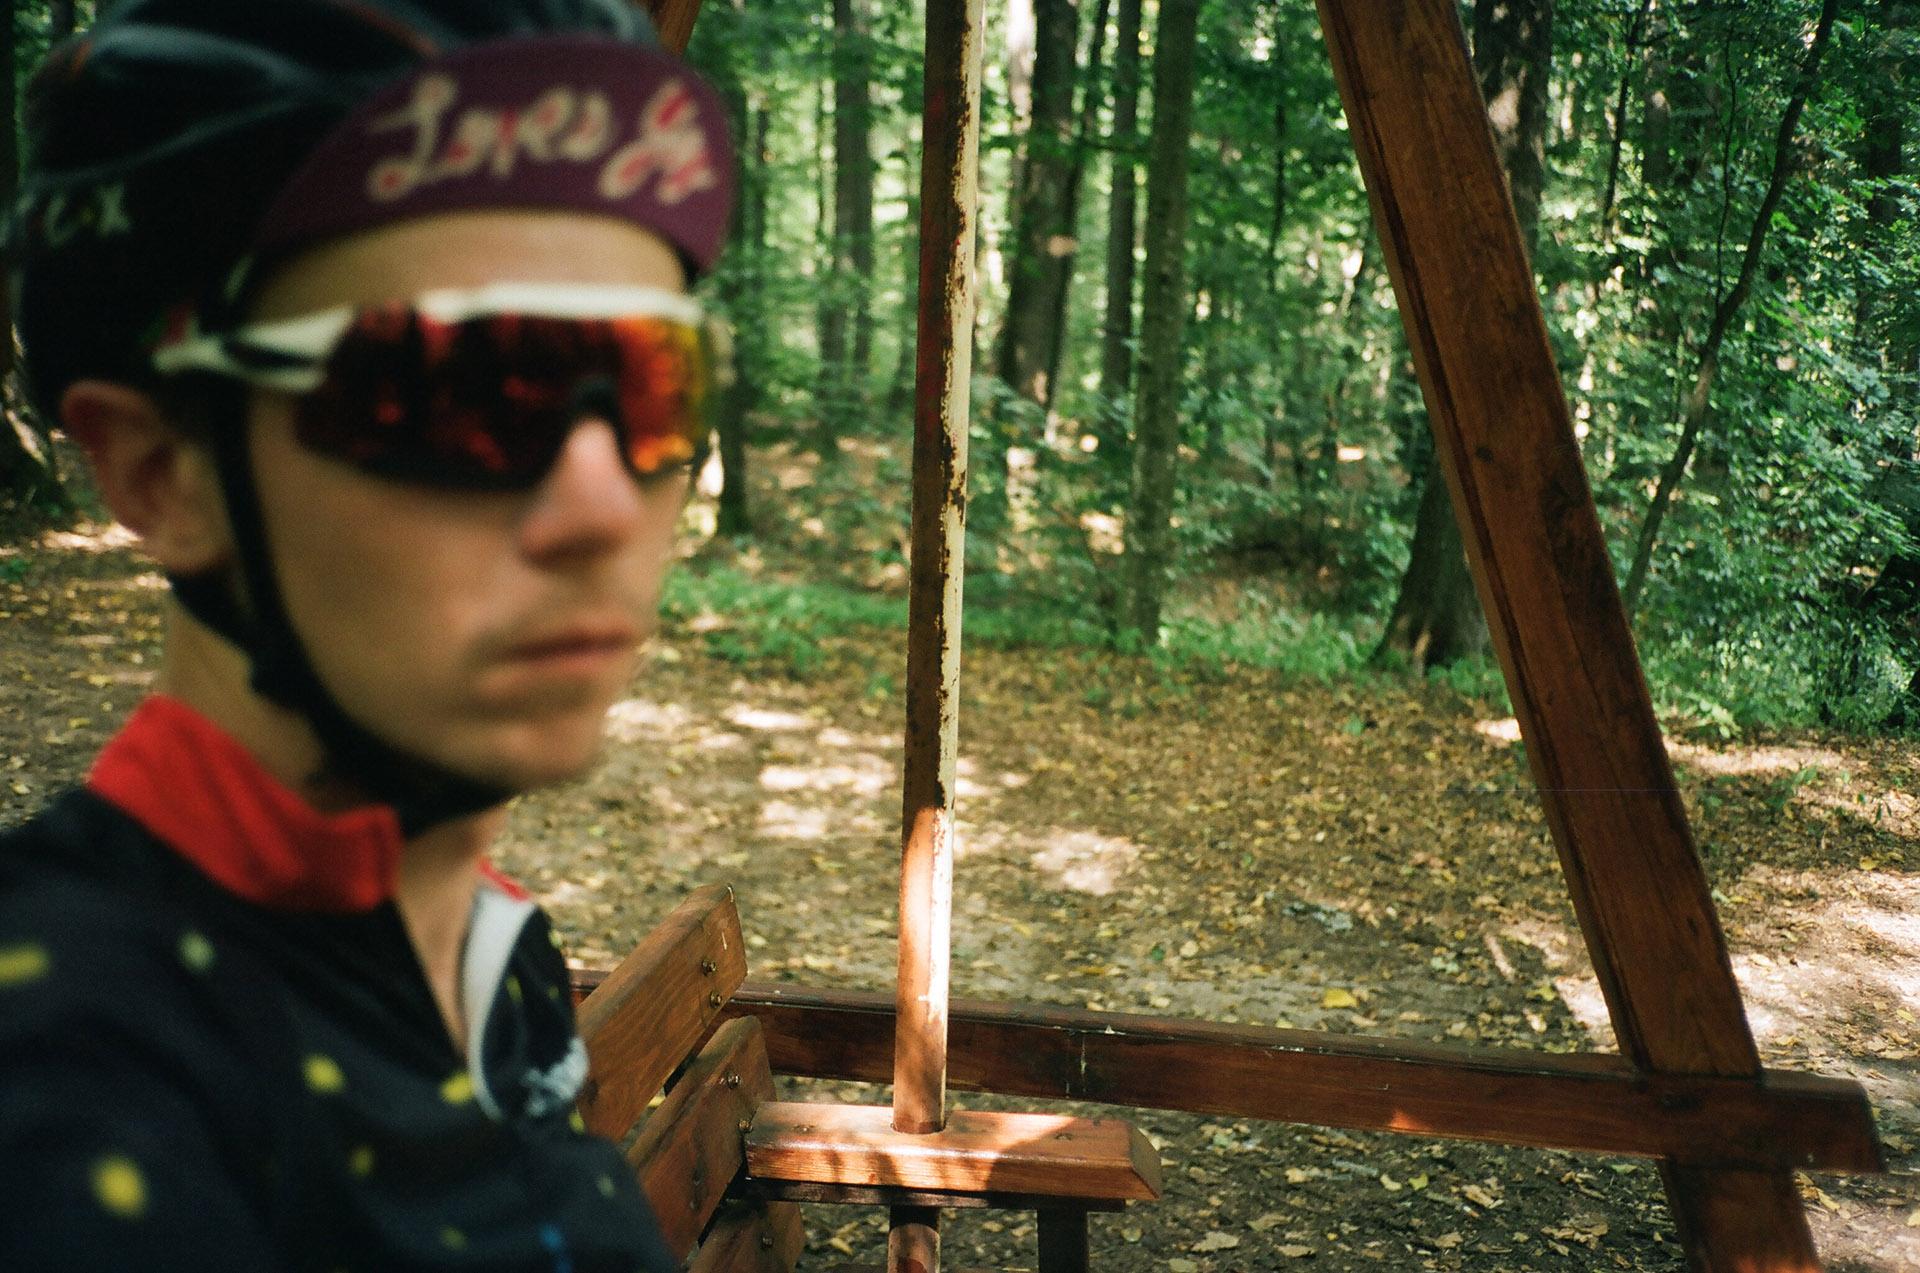 Людина, що носить капелюх і сонцезахисні окуляри позує для камери